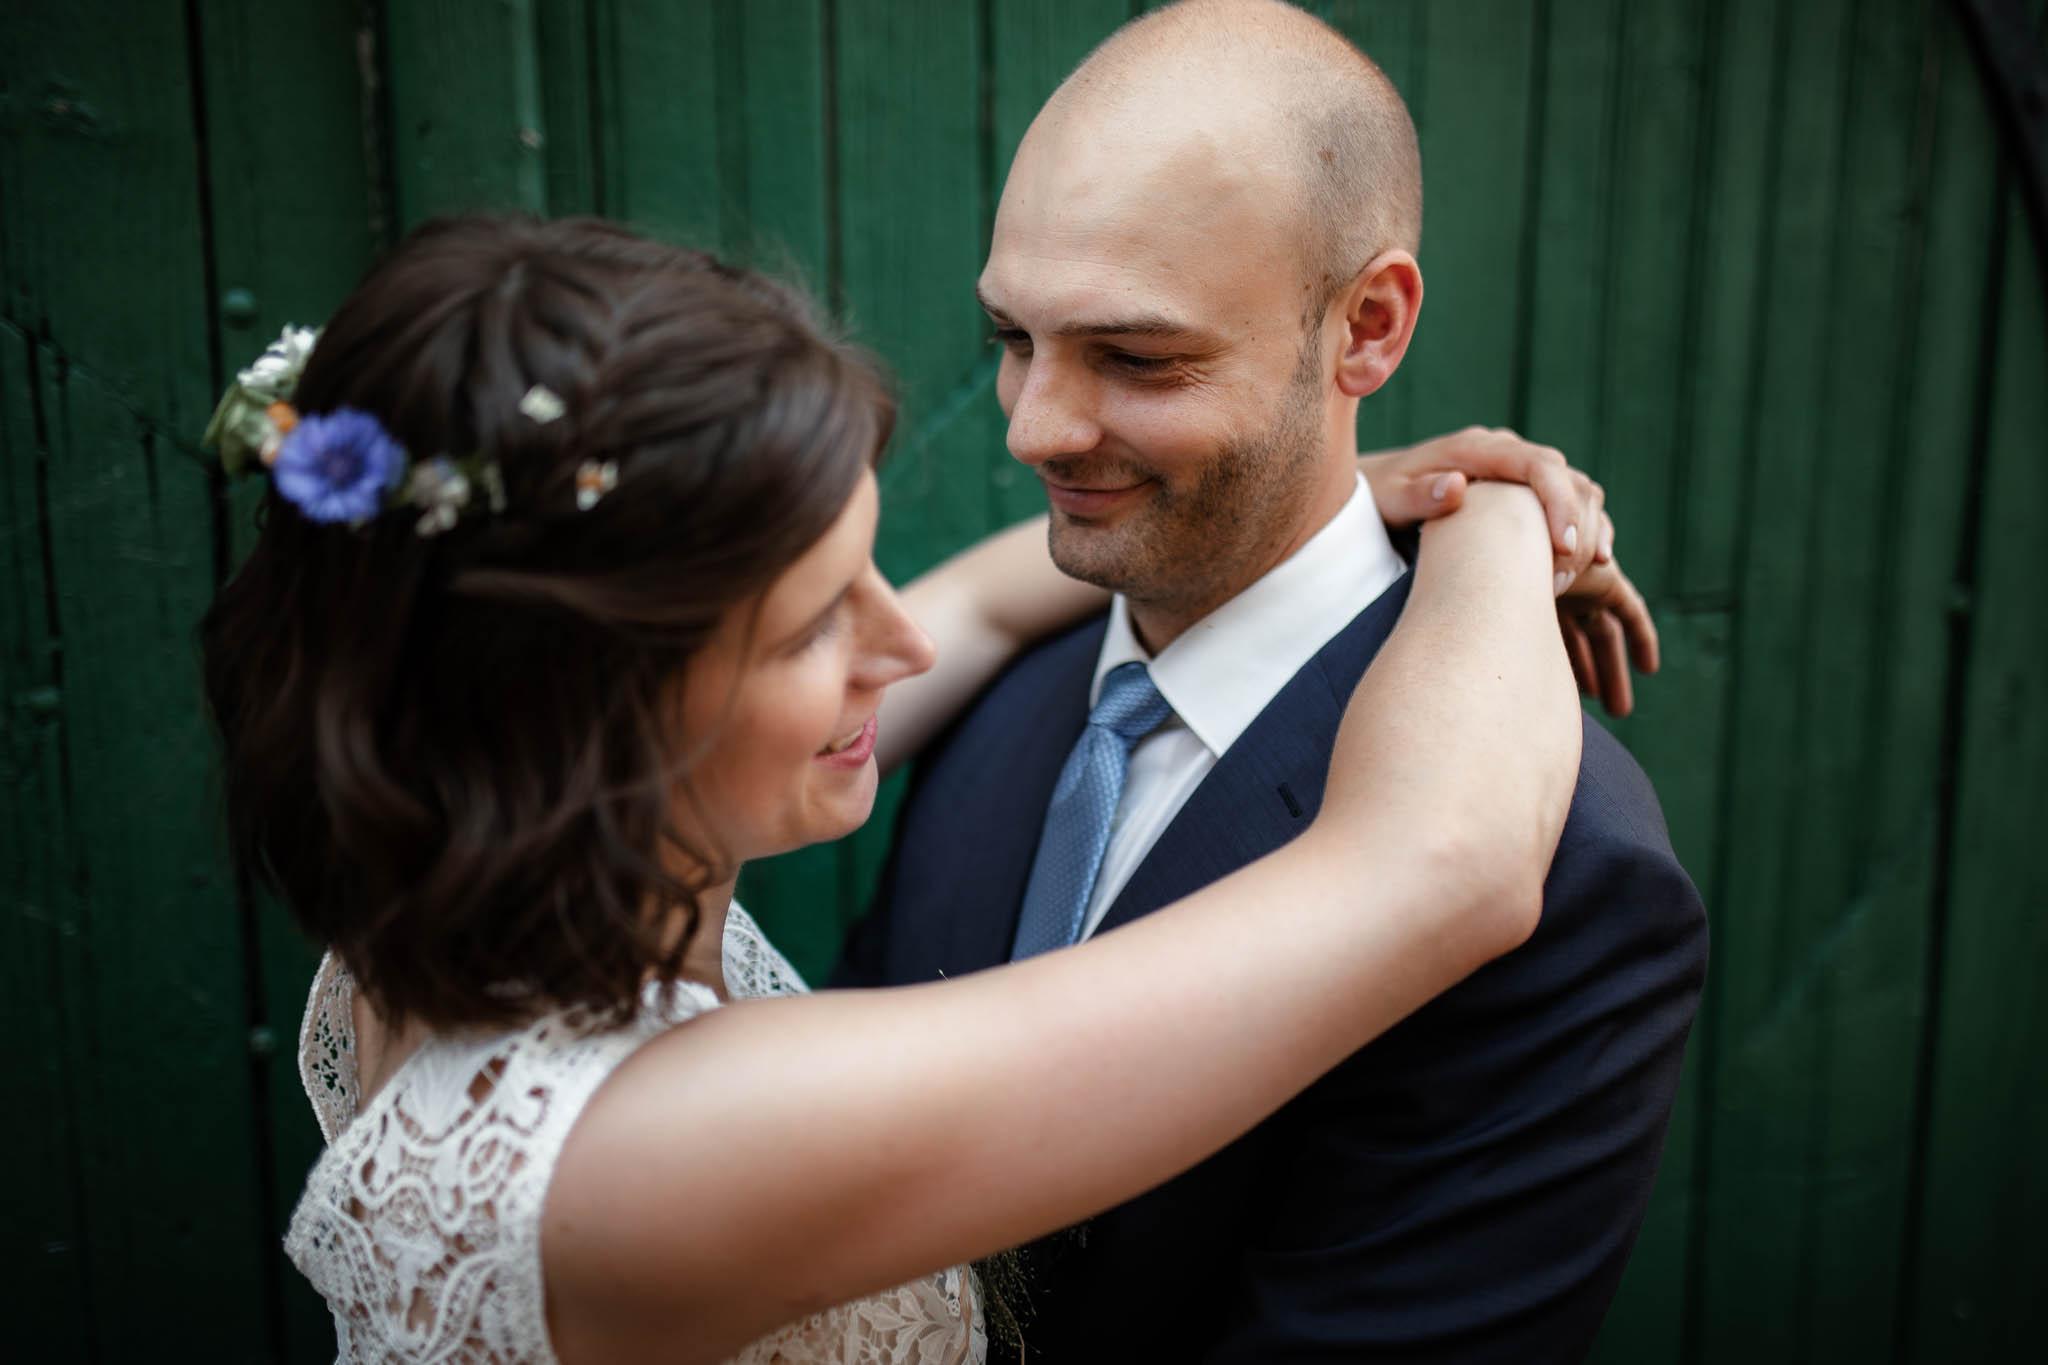 Hochzeitsfotograf Guntersblum, Domhof - Hochzeit von Ina & Johannes 54